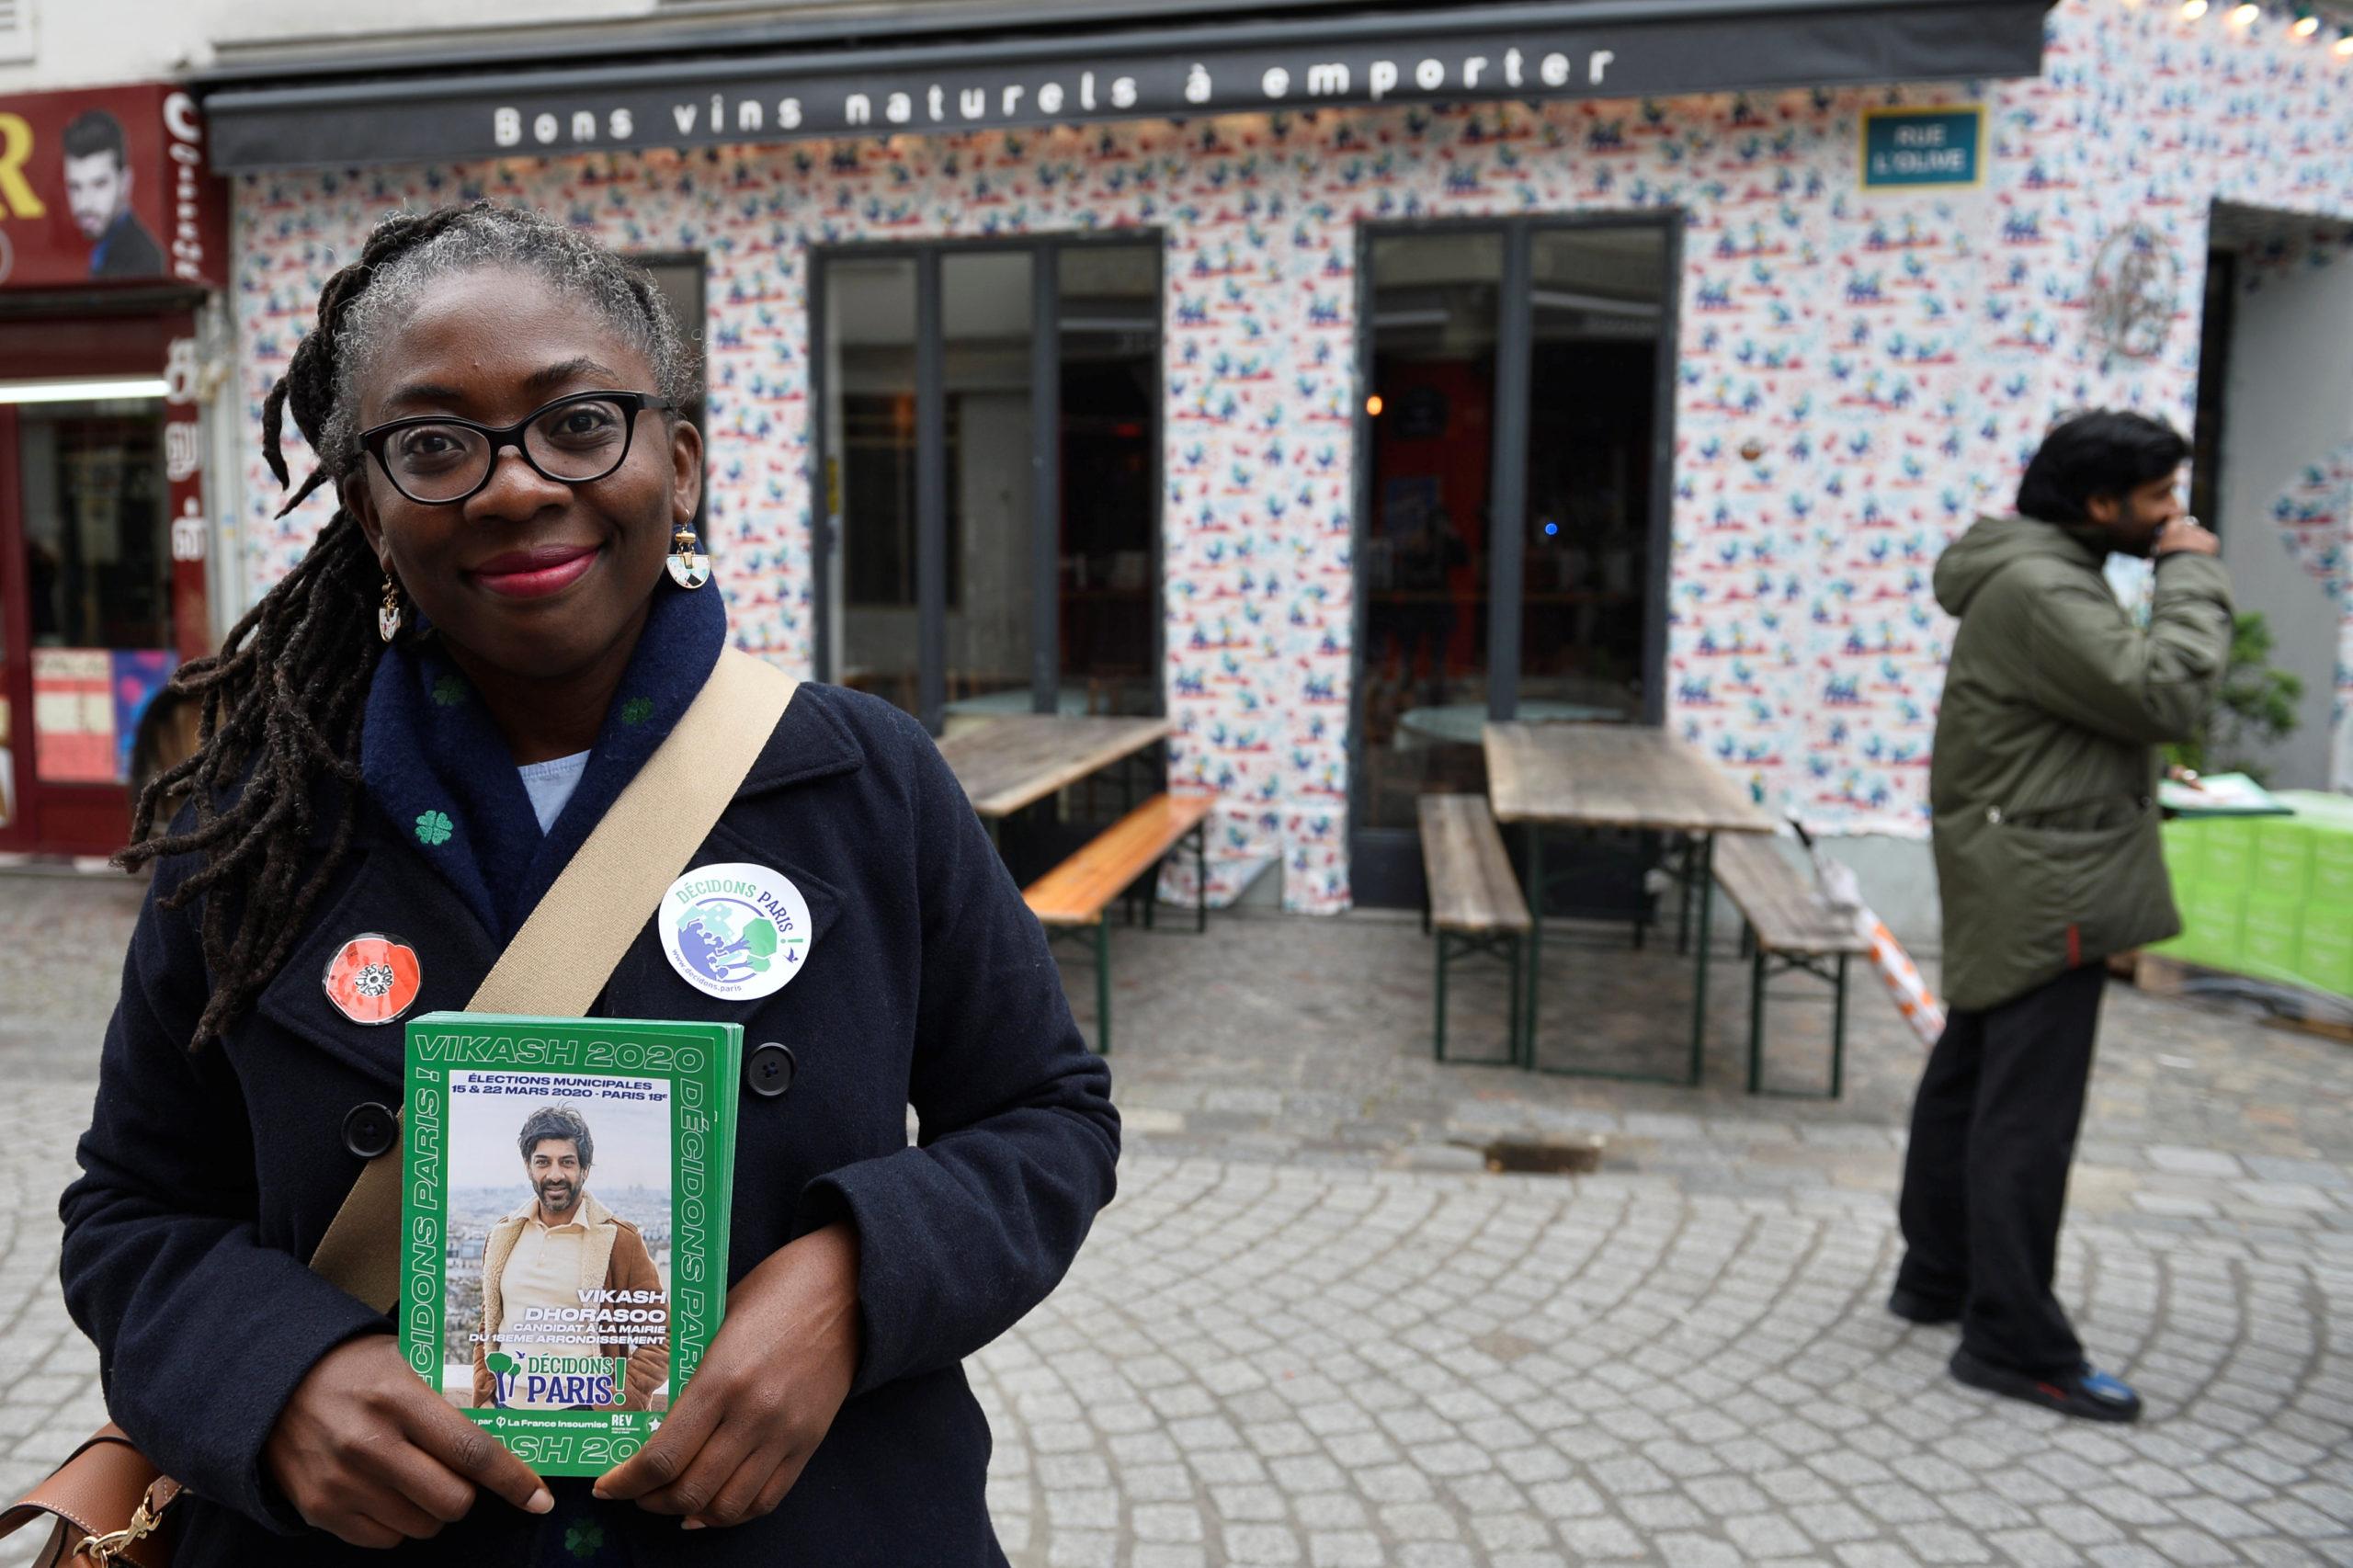 La députée Danièle Obono représentée en esclave dans Valeurs Actuelles